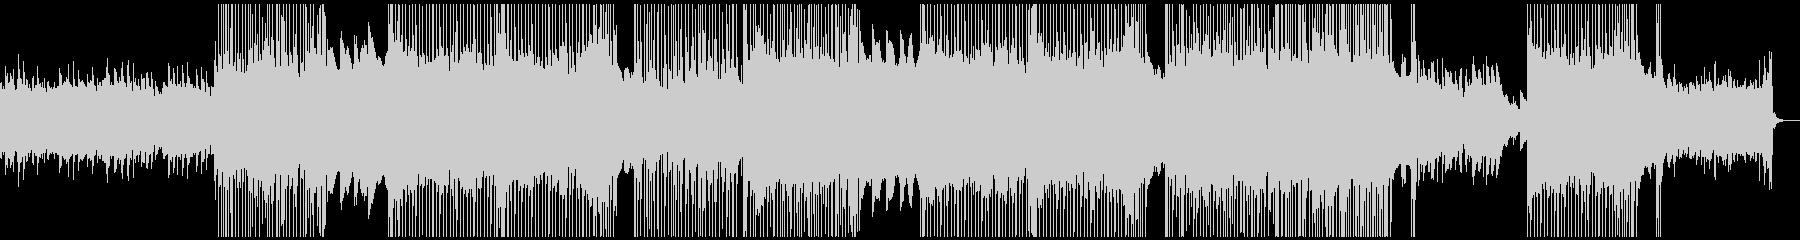 キャッチーなポップロックBGMの未再生の波形